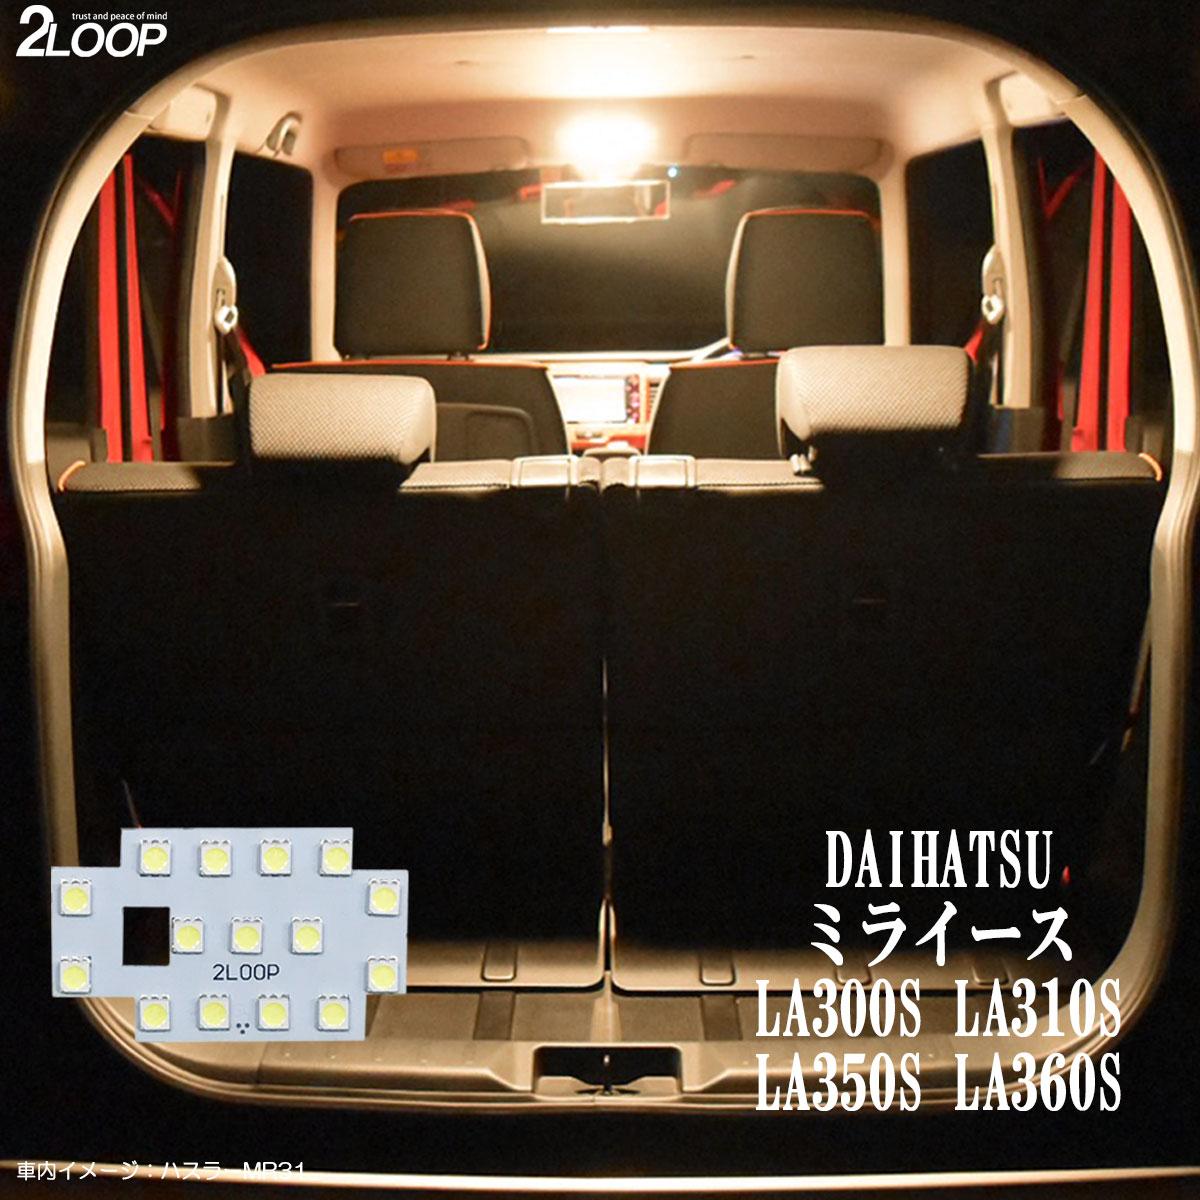 あす楽可 カスタム ルームランプ 車内が明るく 暖かい光 暖光色 正規取扱店 車に高級感を セール価格 アウトドアにも便利 電球色※3000K 車検対応 車種専用設計 LA350S 電球色 LA310S ミライース 1年保証 LEDルームランプ 高級感を追求 3チップSMD1点 LA360S LA300S 3000K